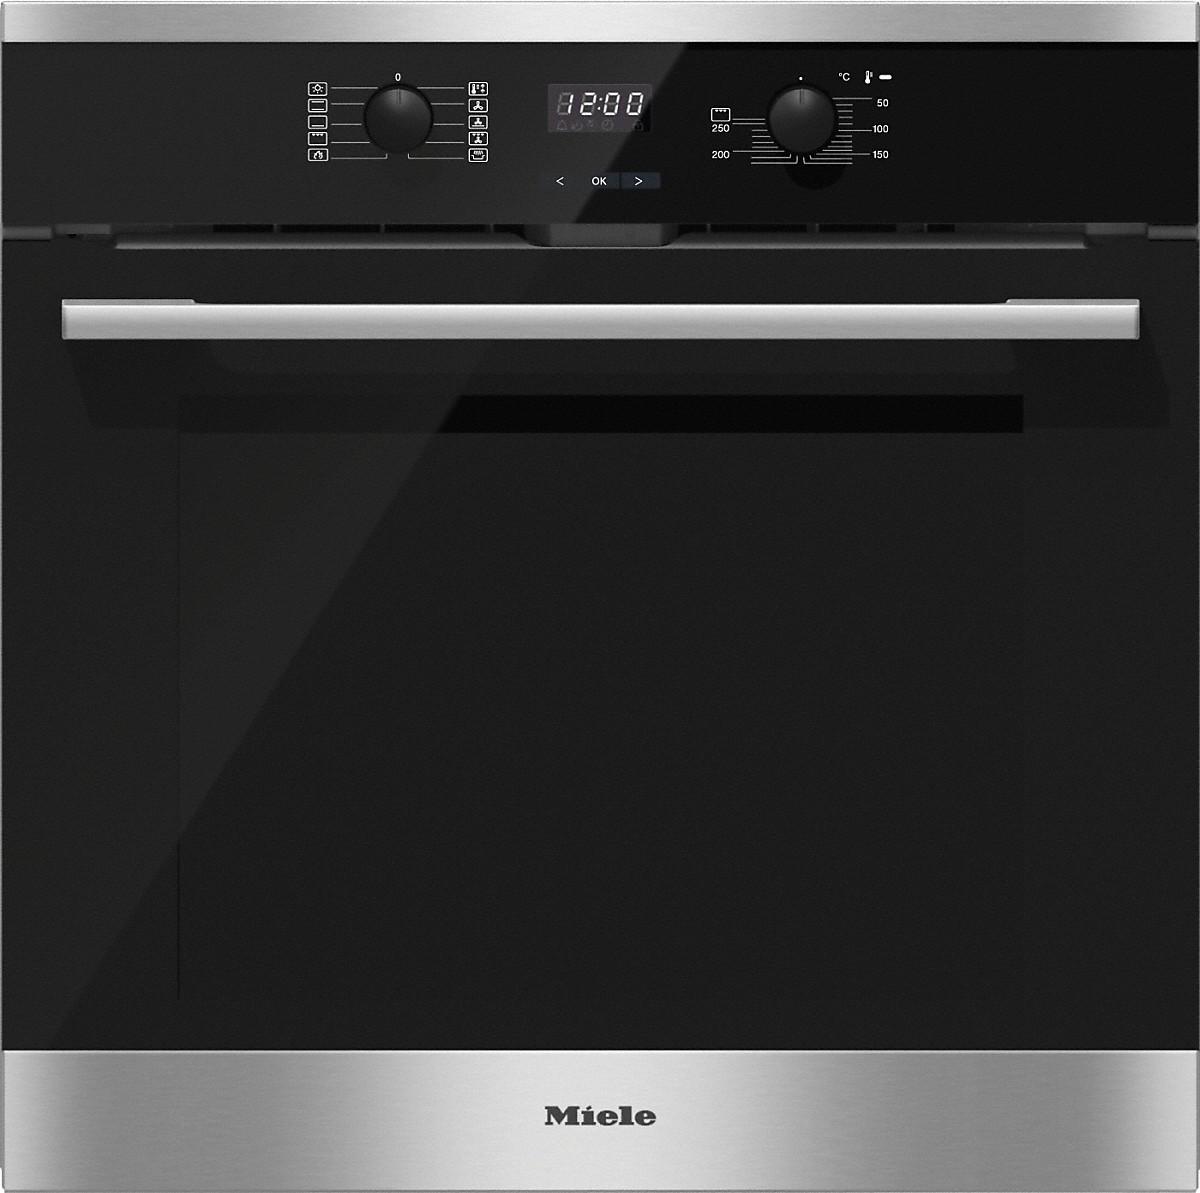 miele ovens h 2566 bp oven rh miele co uk Miele Coffee System Miele Oven